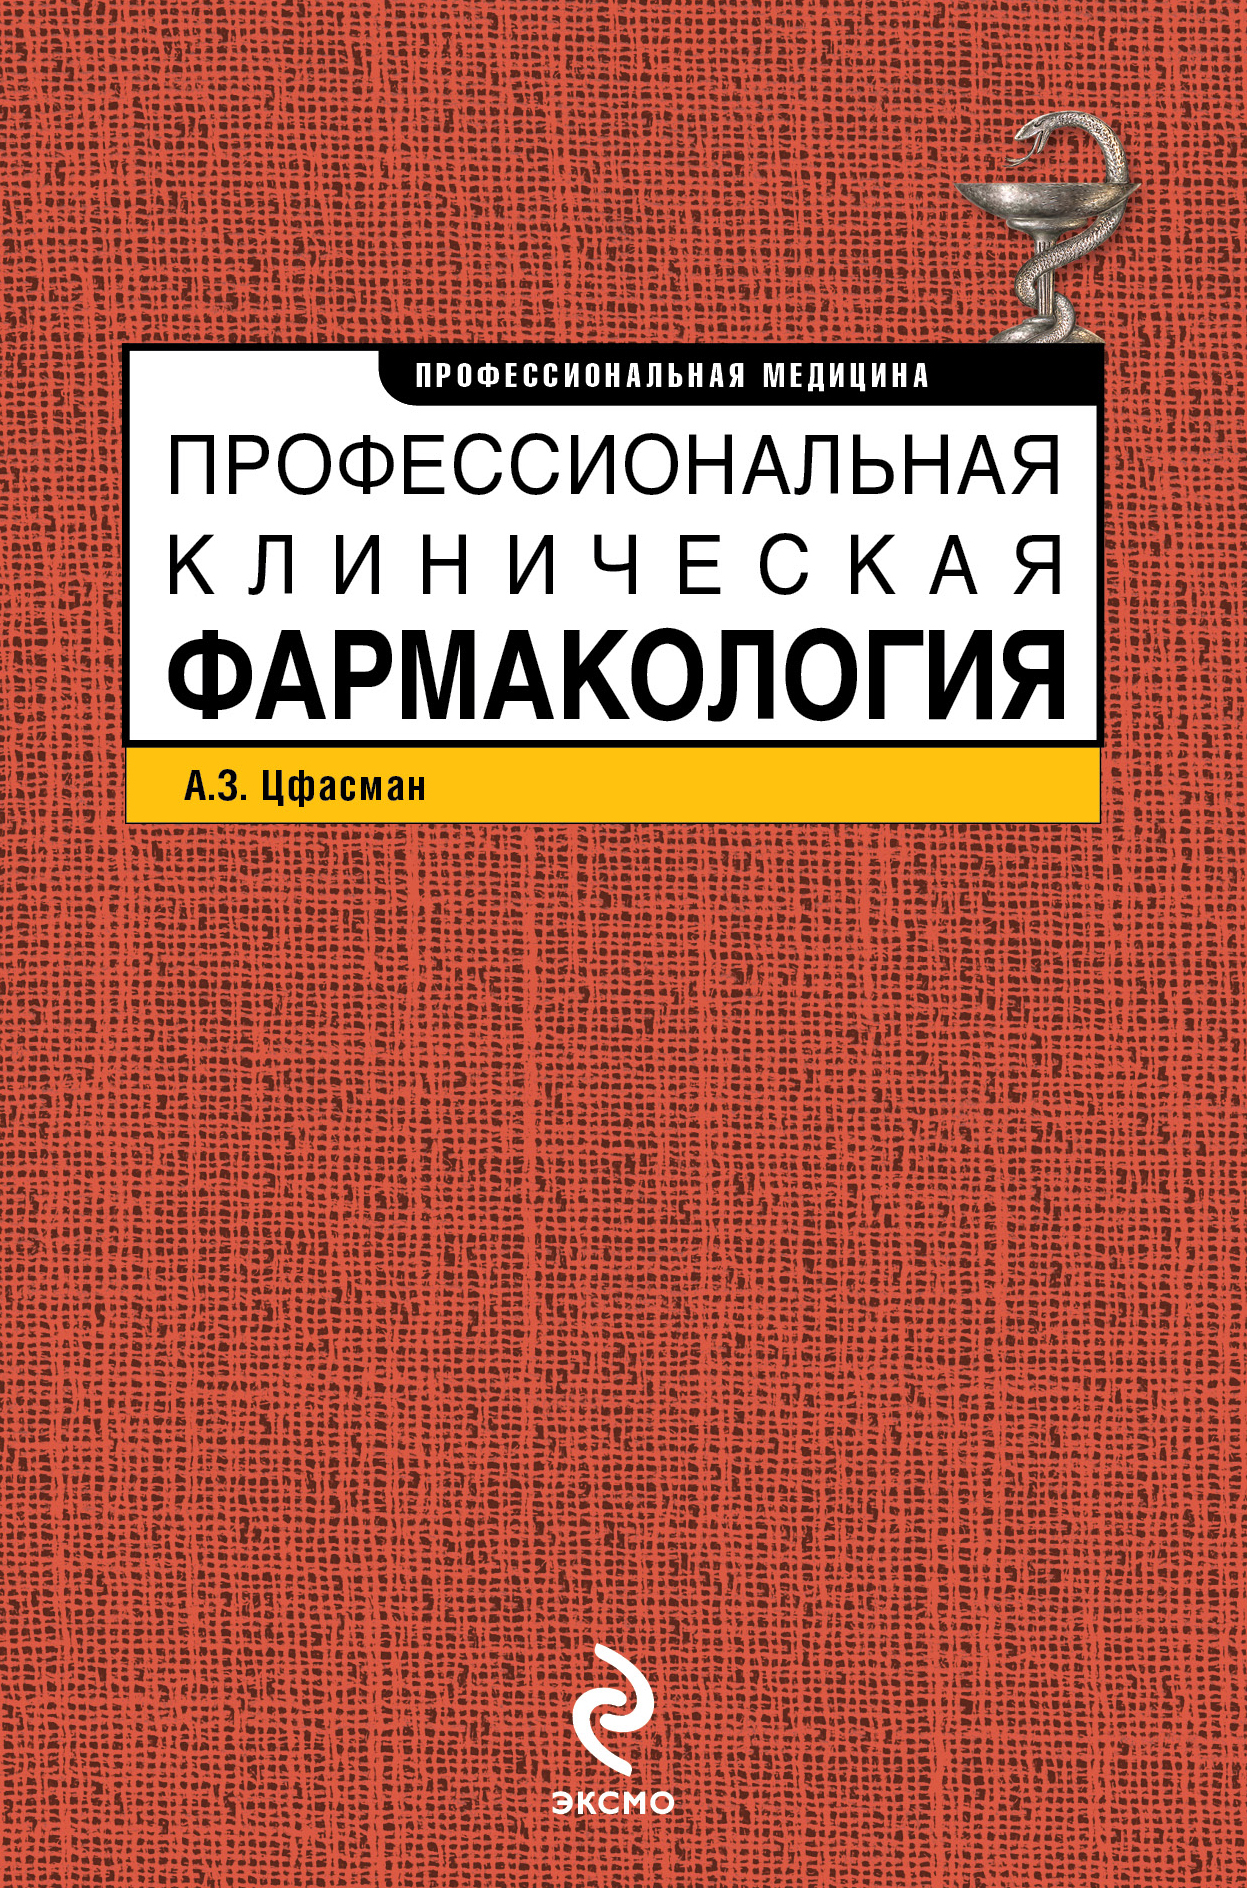 Профессиональная клиническая фармакология ( Цфасман А.З.  )